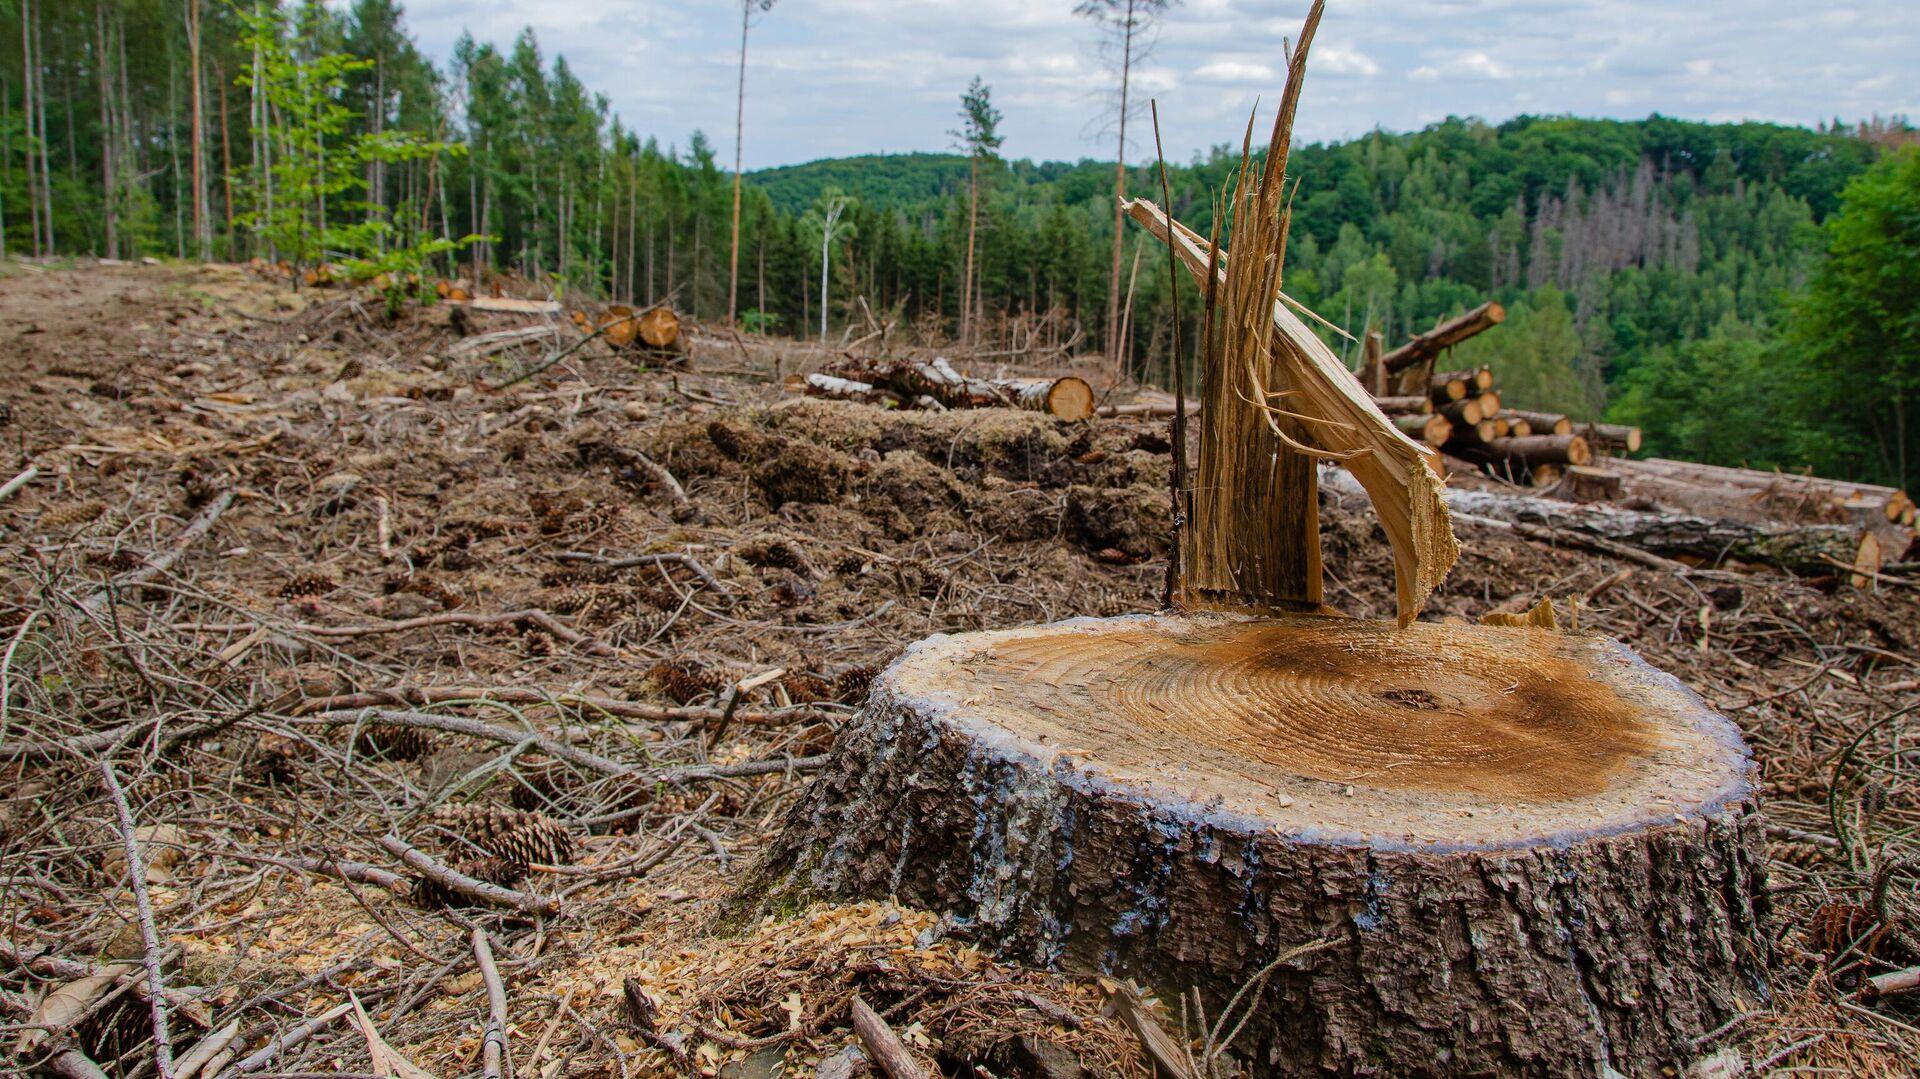 Вырубка леса - РИА Новости, 1920, 21.04.2021